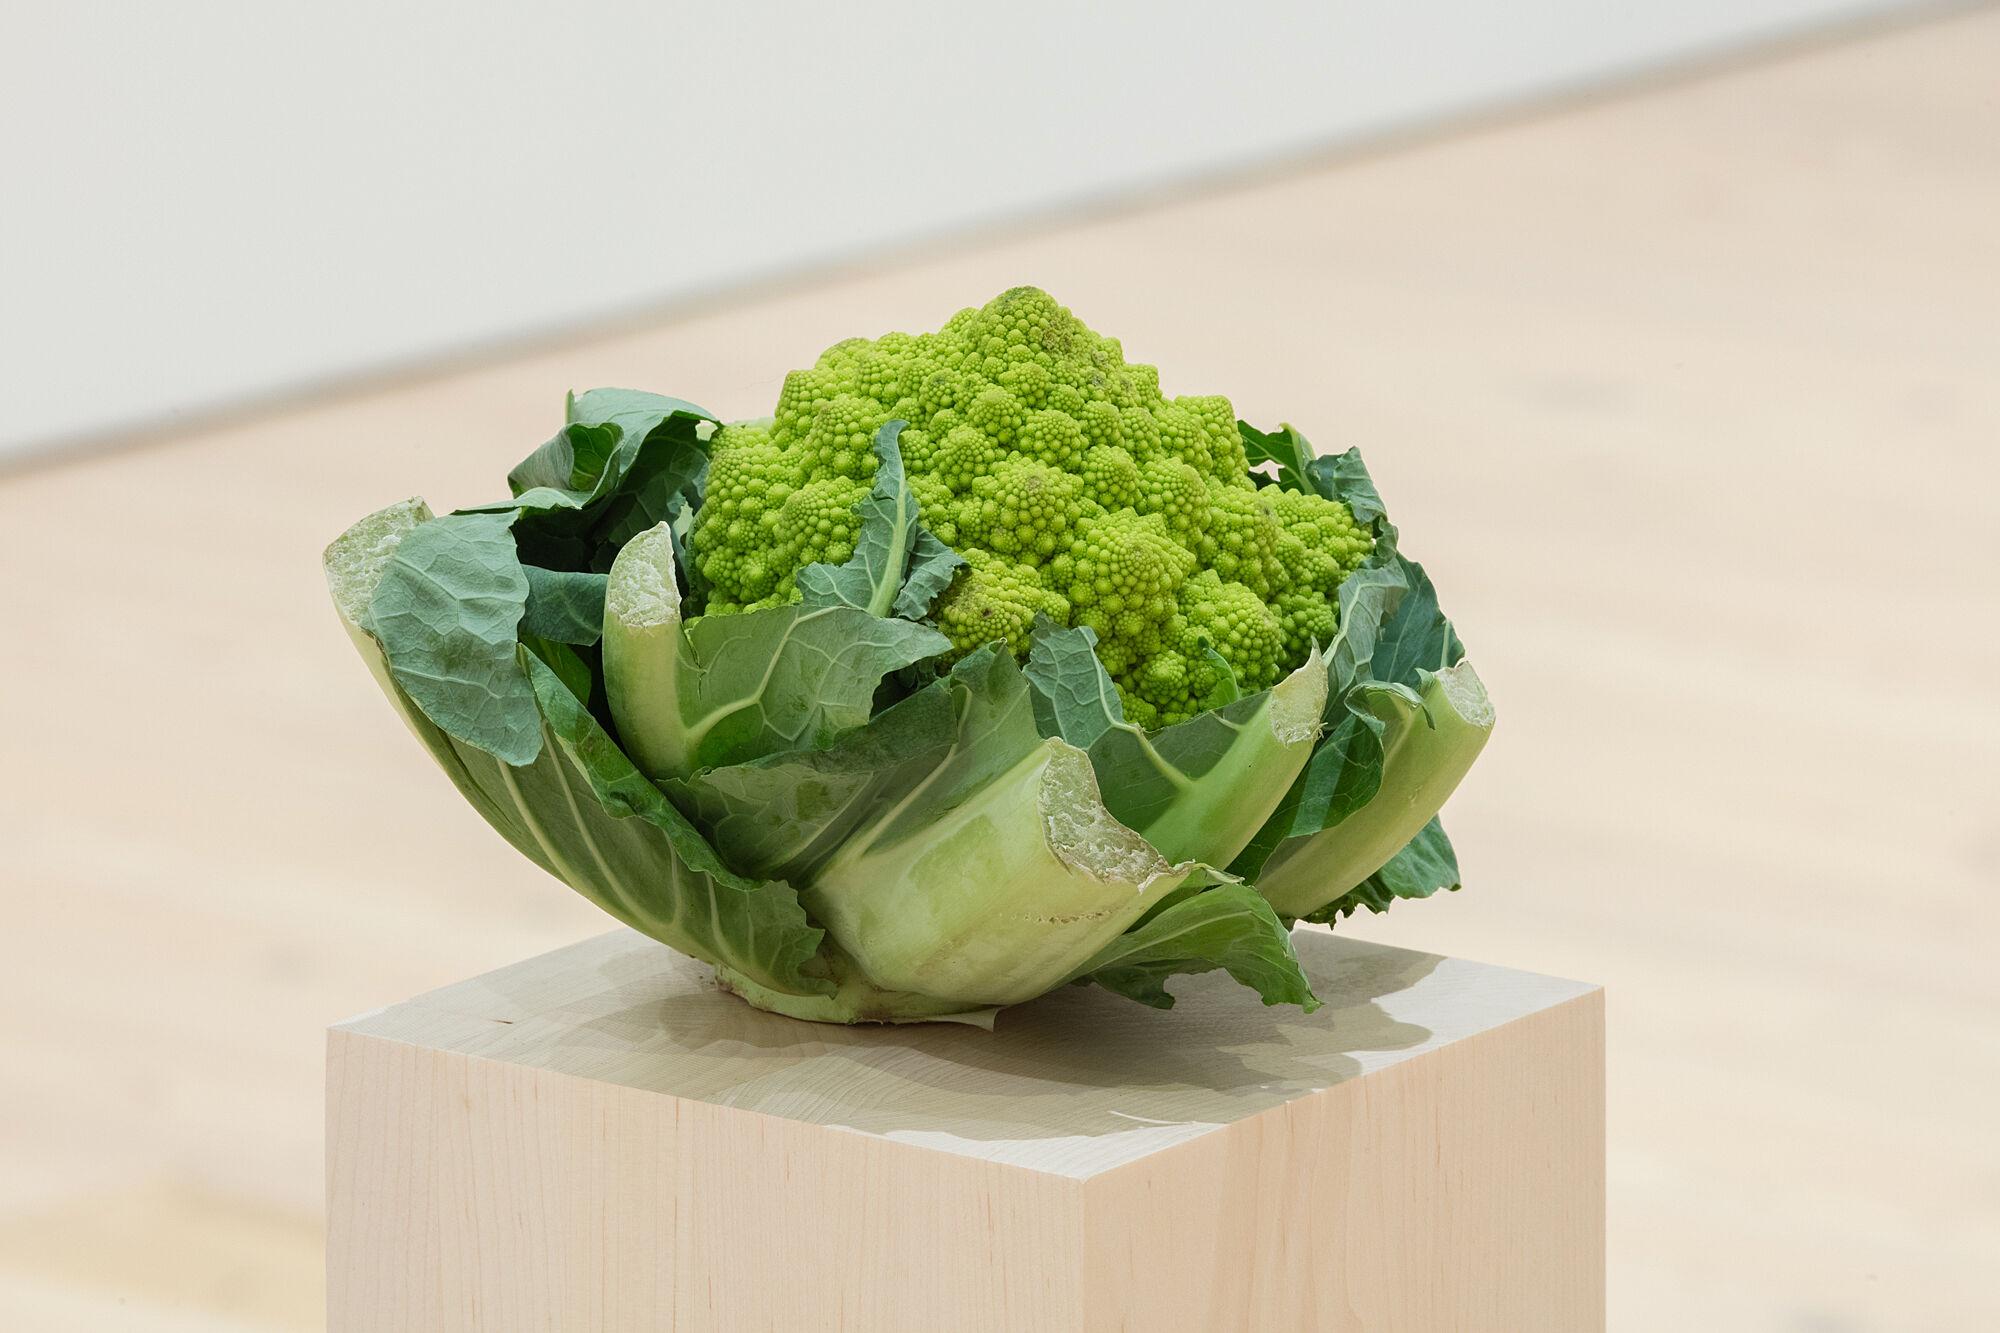 A photo of cauliflower on a plinth.